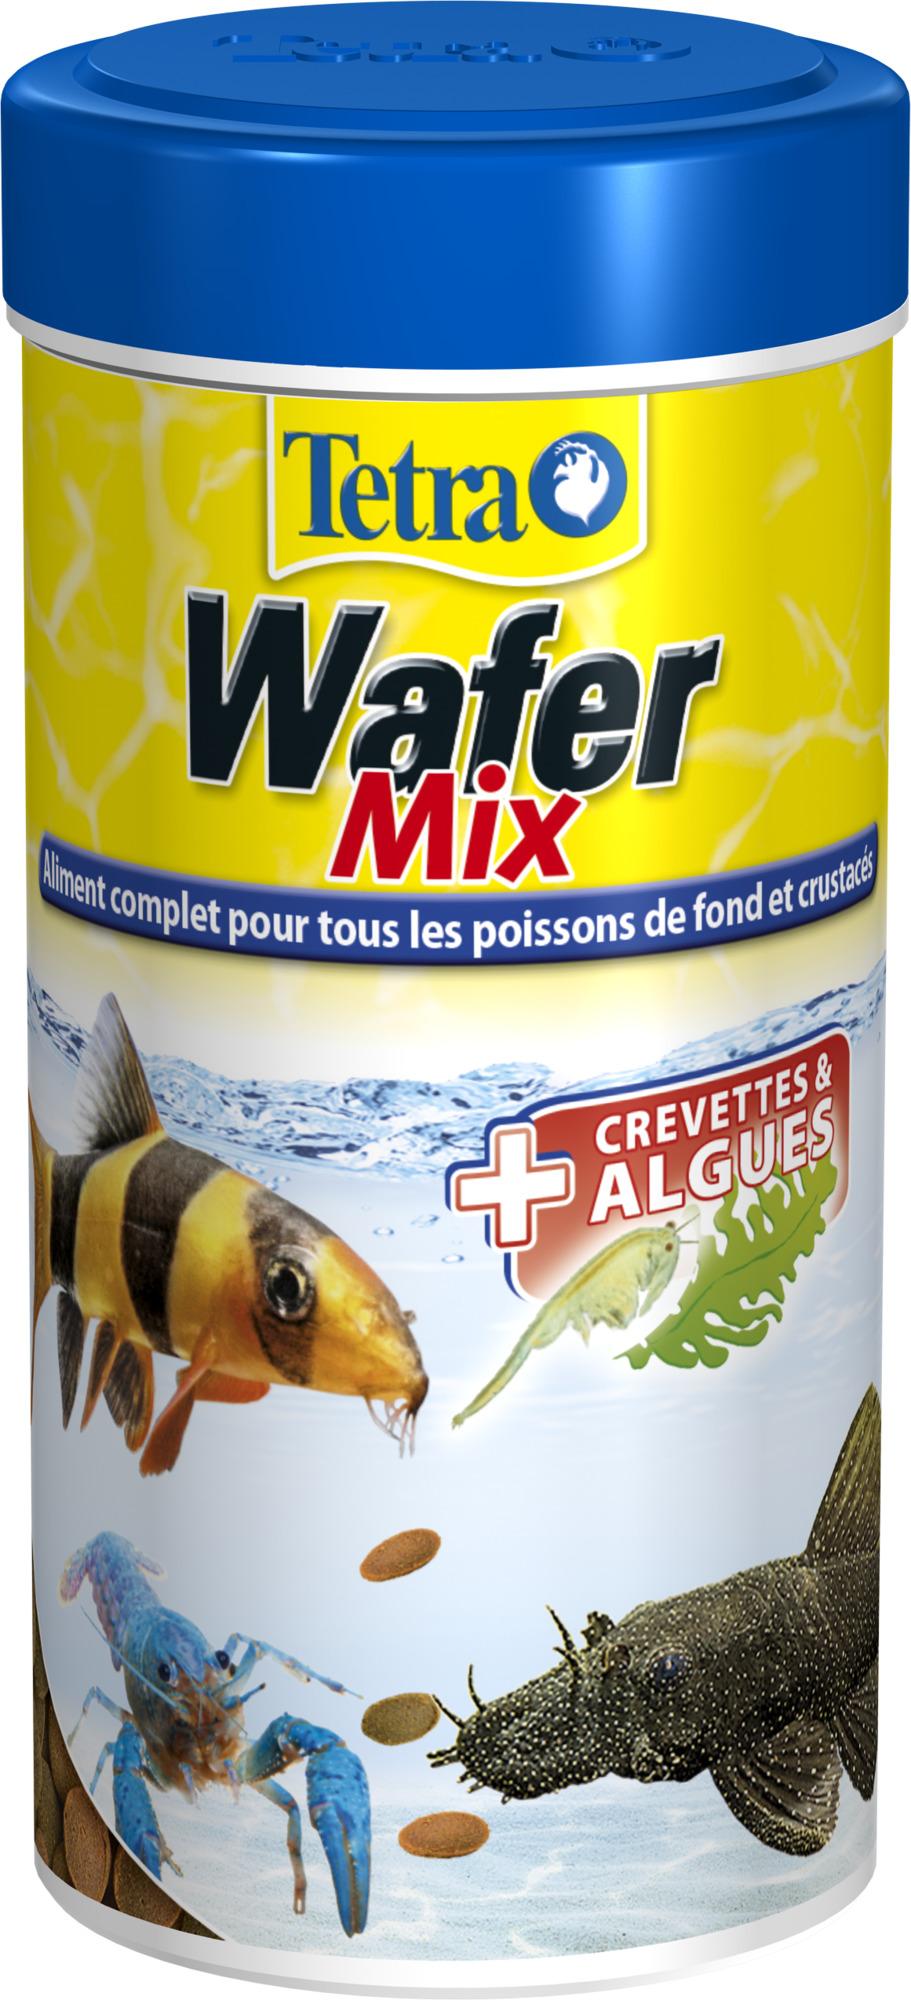 tetra-wafer-mix-100-ml-nourriture-pour-poissons-de fond-aquarium